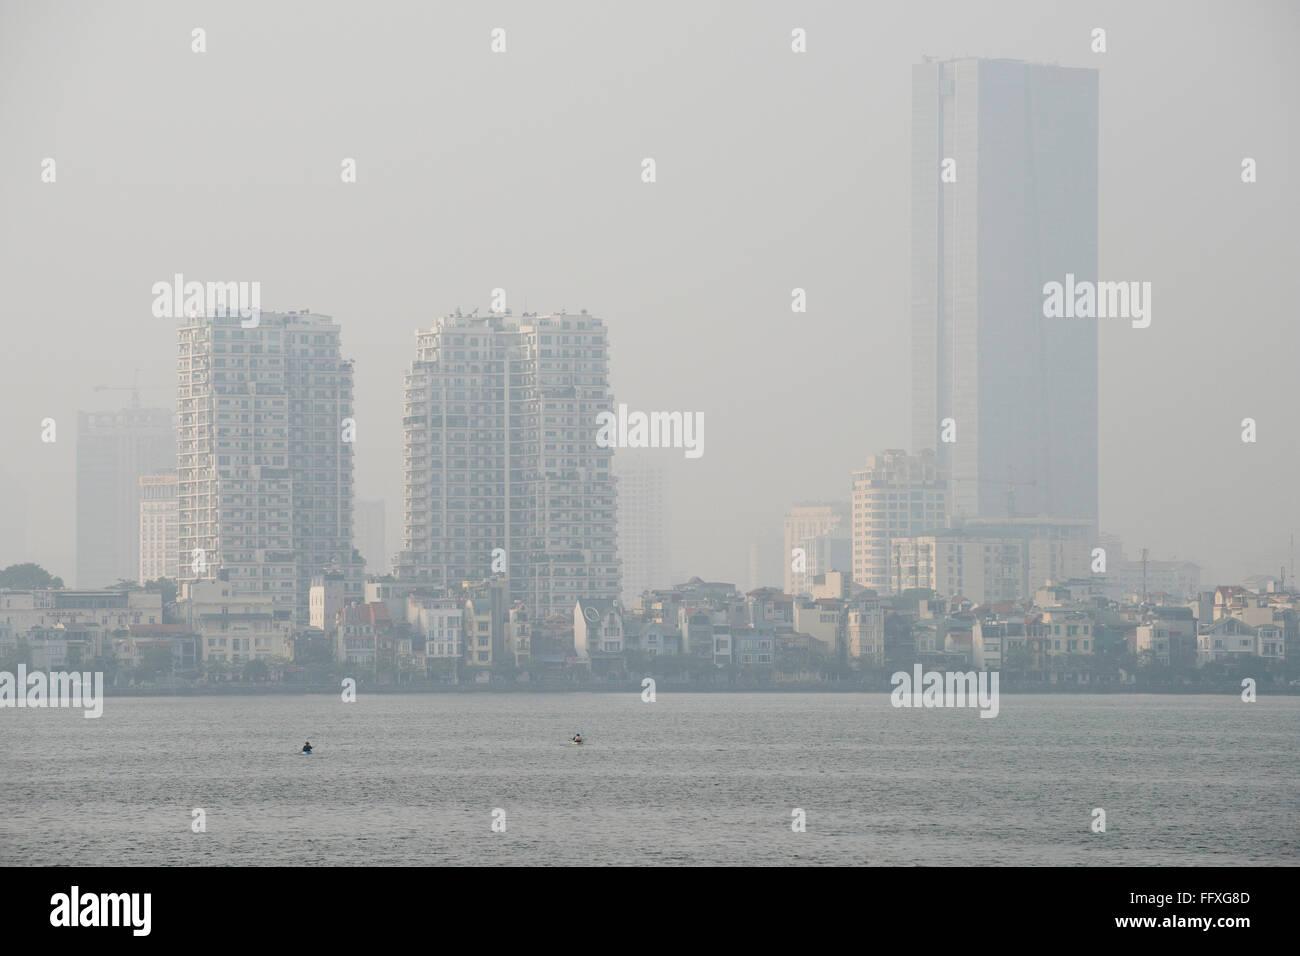 La bruma, la niebla o smog contaminación en un horizonte brumoso de Hanoi vistos en Westlake, Vietnam, enero Imagen De Stock